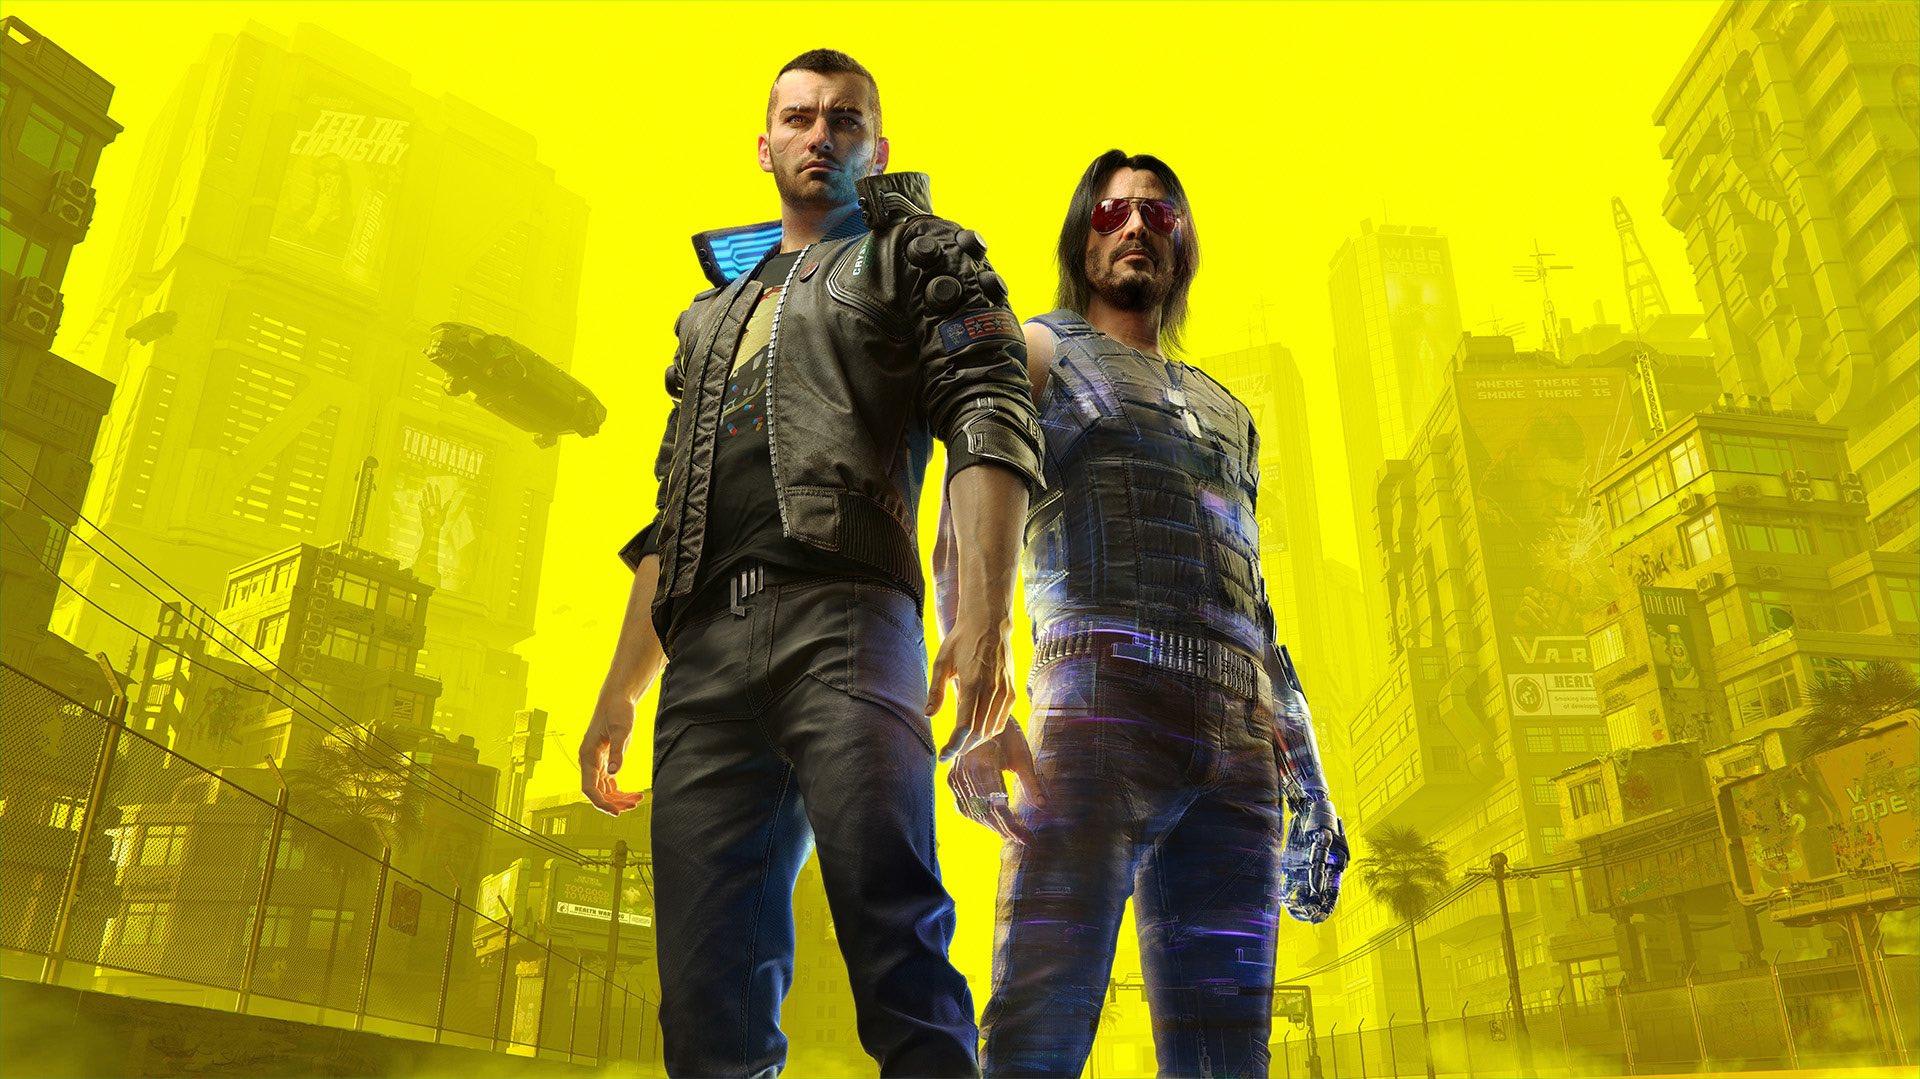 Digital Foundry назвала игры 2020 года с лучшей графикой — лидирует Cyberpunk 2077 на PC